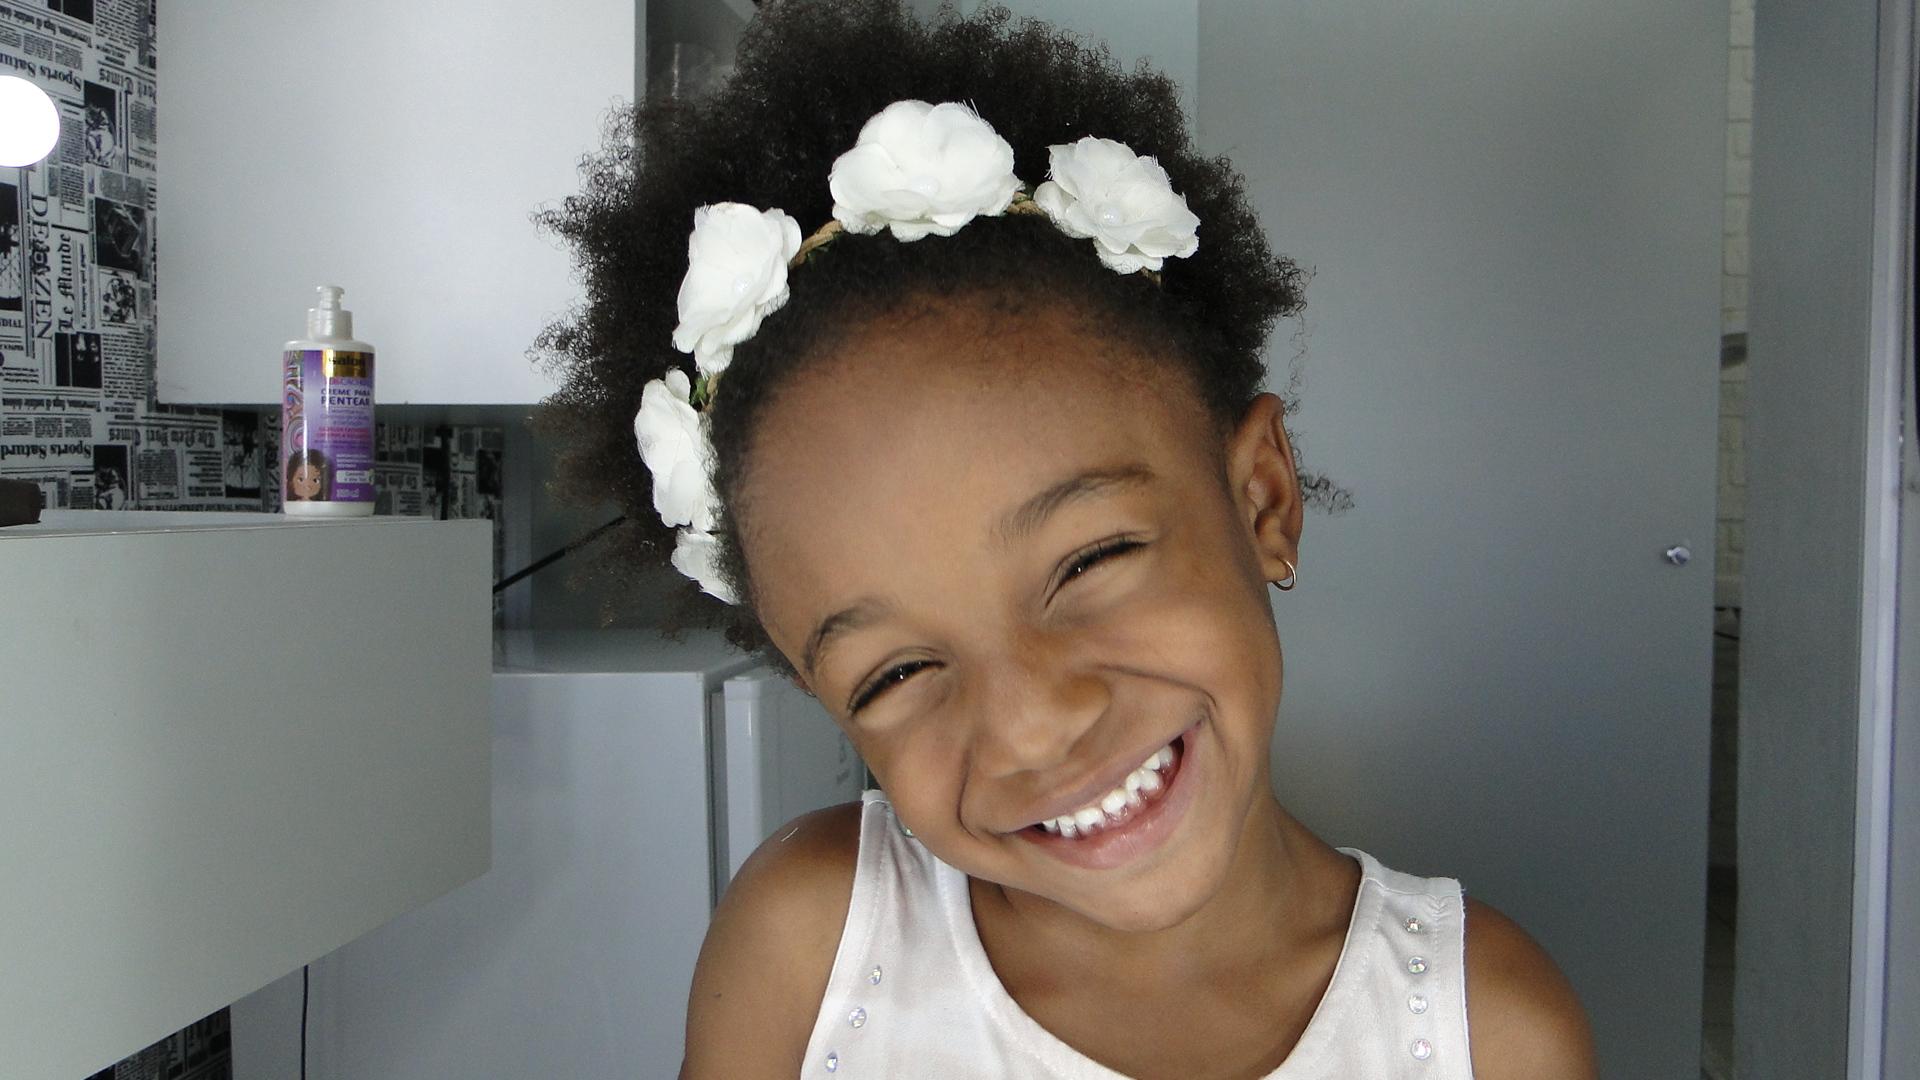 Penteado Infantil Fotos Dicas E Passo A Passo Todecacho